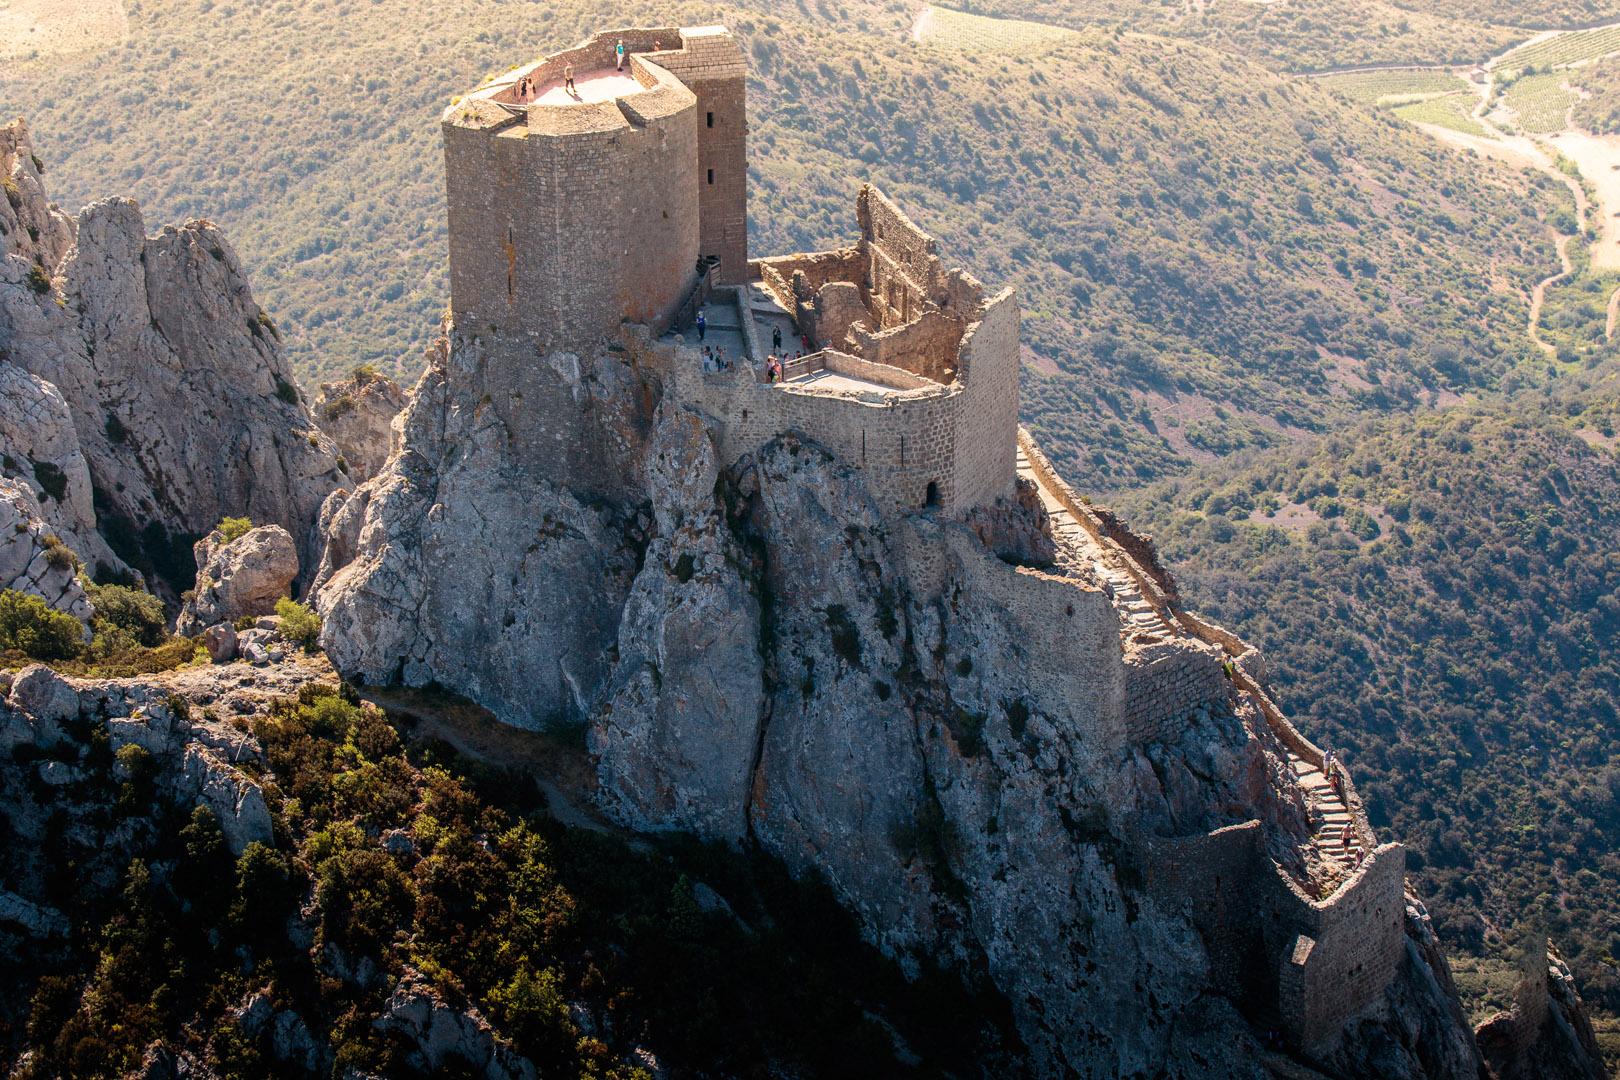 Véritable nid d'aigle dressé à 728 m d'altitude sur un piton rocheux à l'extrême sud des Hautes-Corbières, le château de Quéribus veille depuis des siècles sur la vaste plaine du Roussillon.